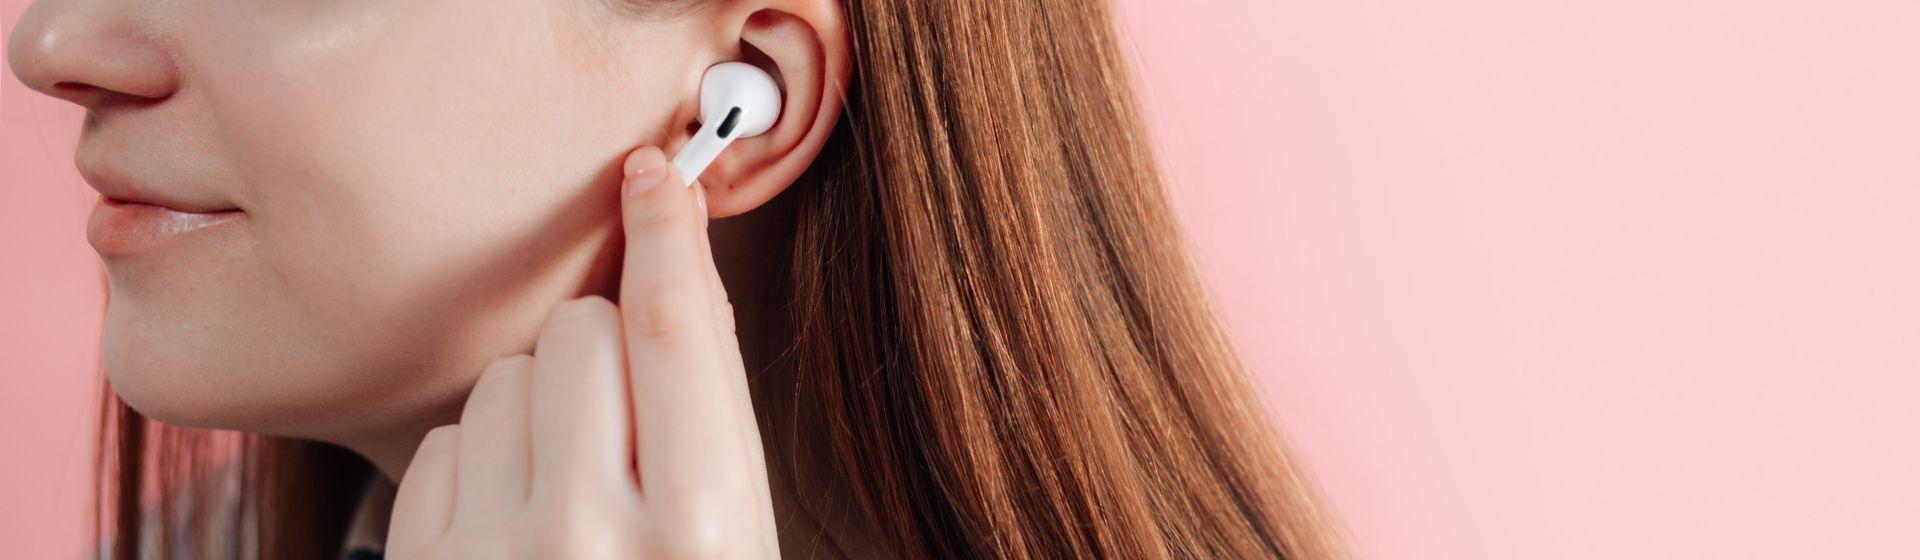 Conheça os melhores fones de ouvido sem fio do mercado